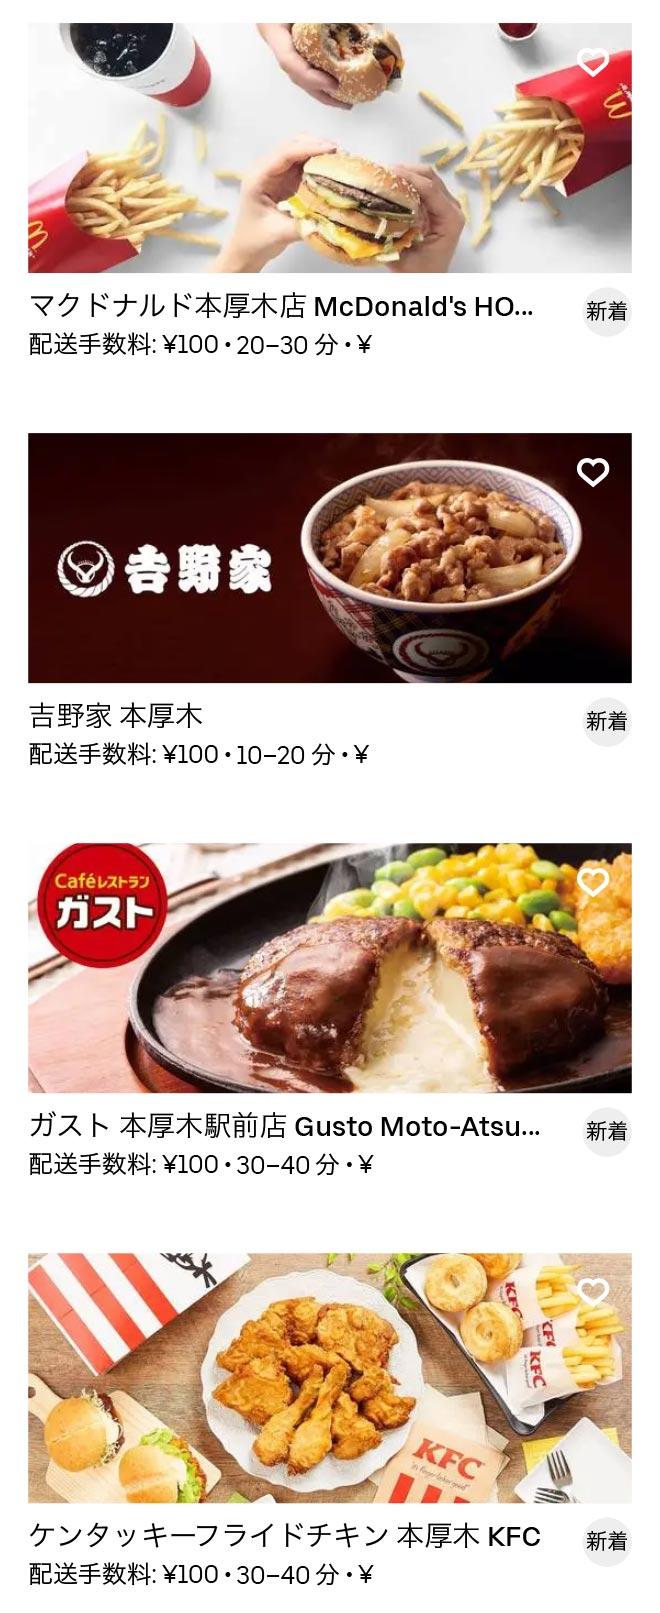 Honatsugi menu 2010 01